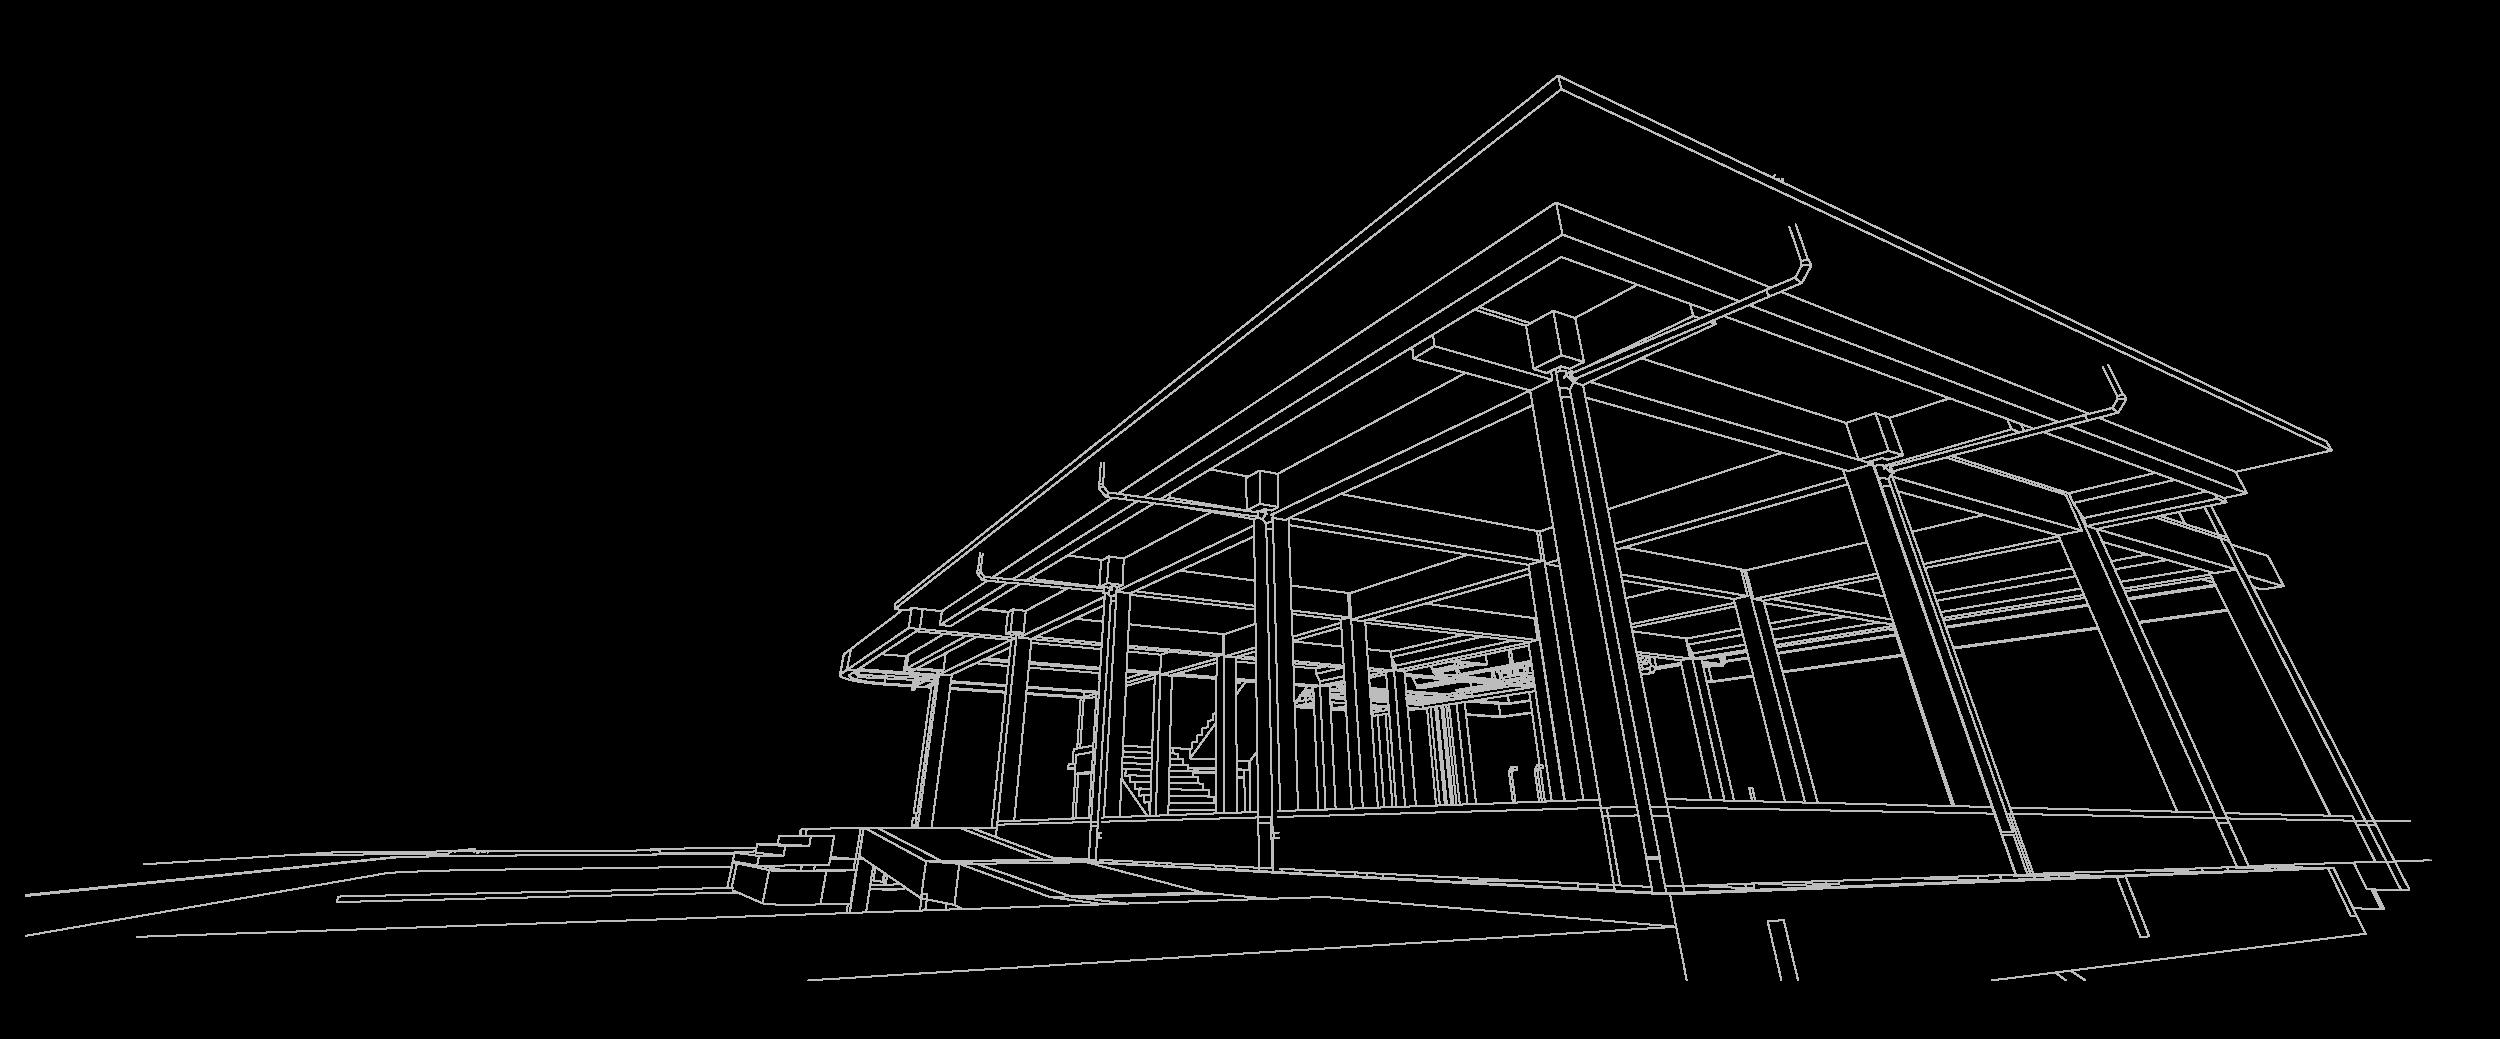 virtual-guard-tour-explainer-building